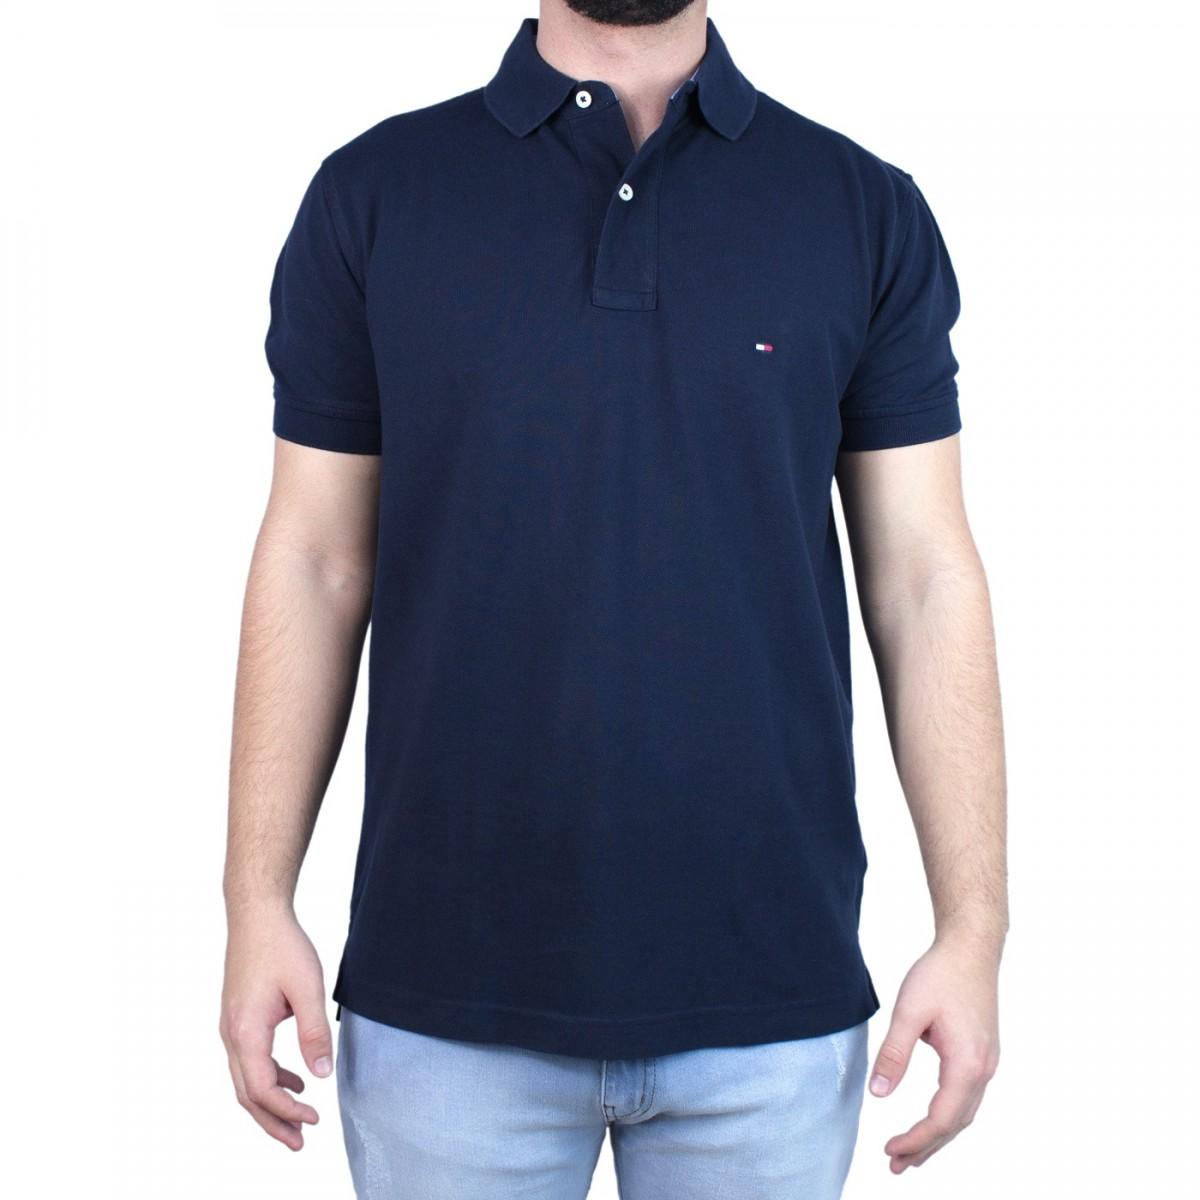 9b736ac947e6c Bizz Store - Camisa Polo Masculina Tommy Hilfiger Manga Curta